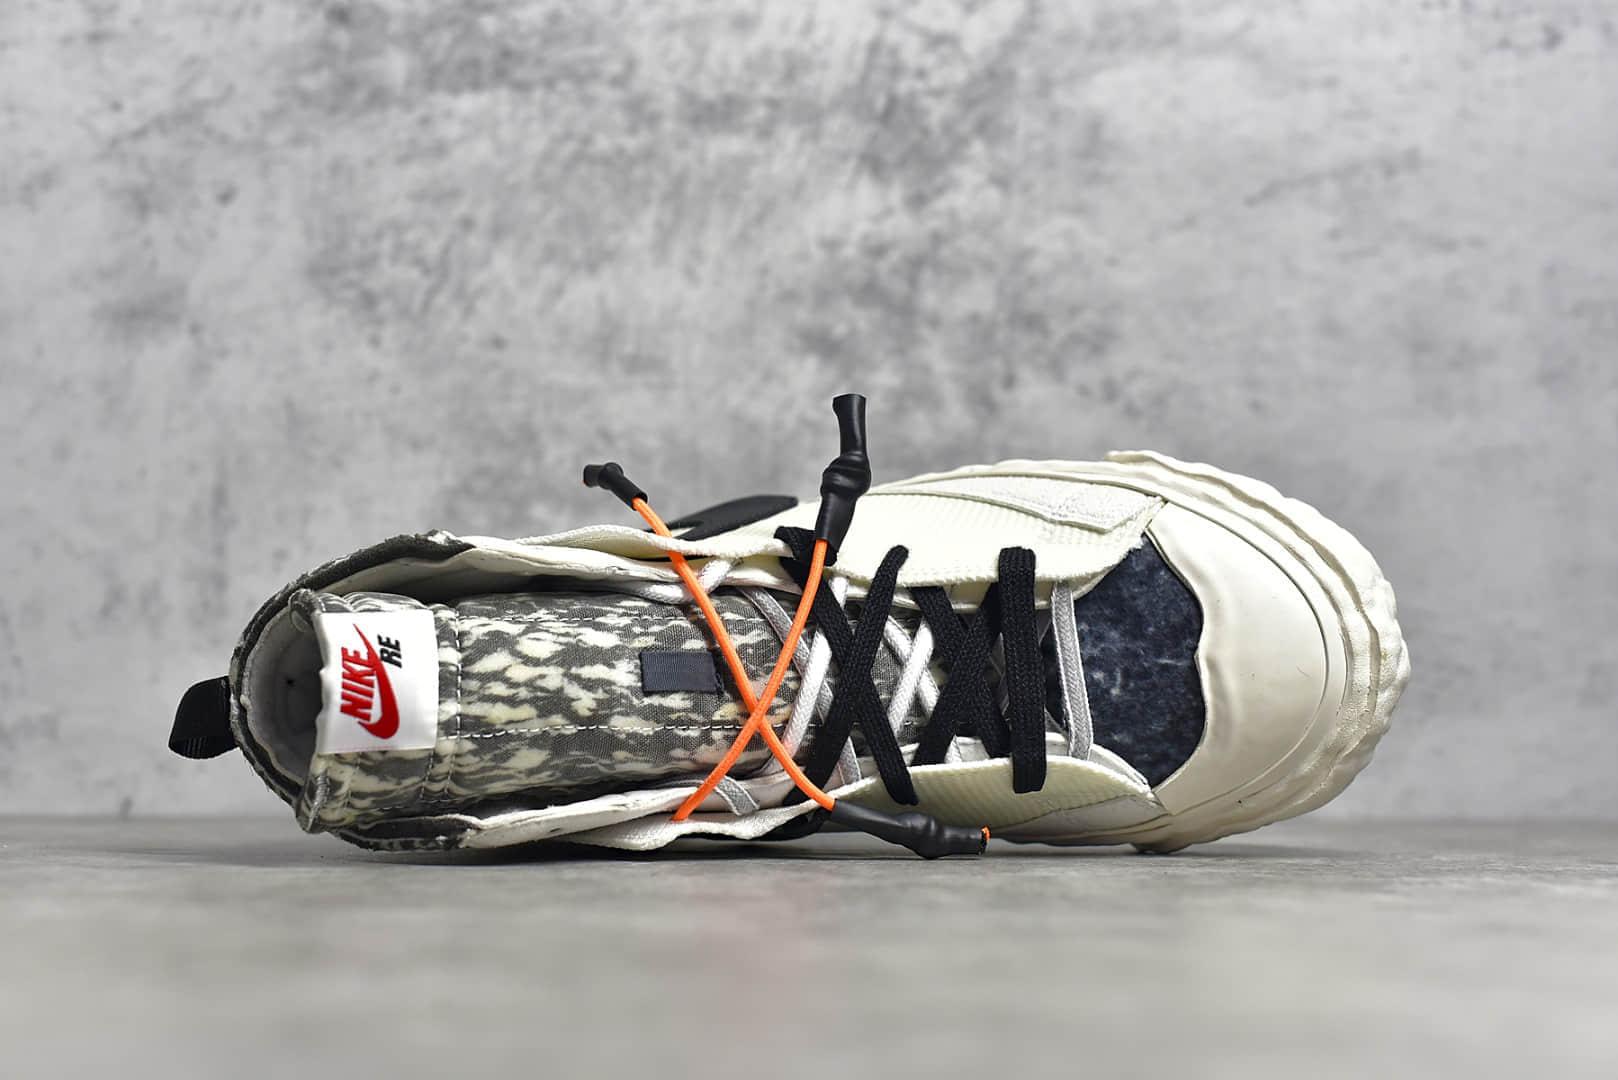 耐克开拓者斯科特联名 READYMADE x NIKE Blazer Mid 耐克READYMADE联名白色高帮 周杰伦同款 货号:CZ3589-001-潮流者之家